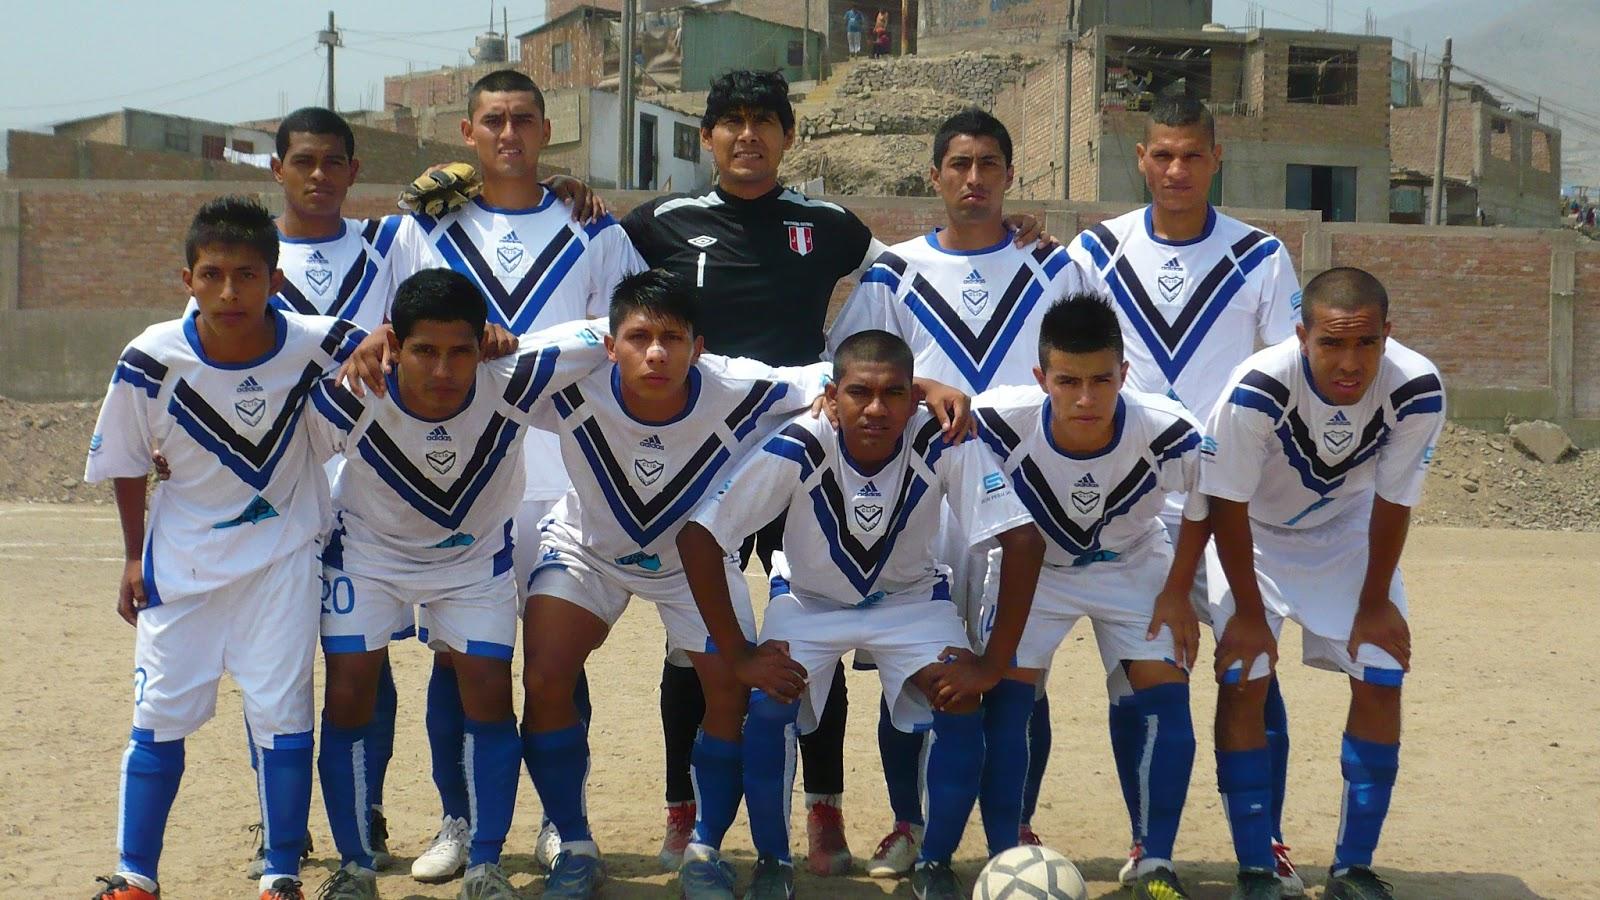 Calle Deportiva   Resultados De Anc U00f2n  Carabayllo Collique